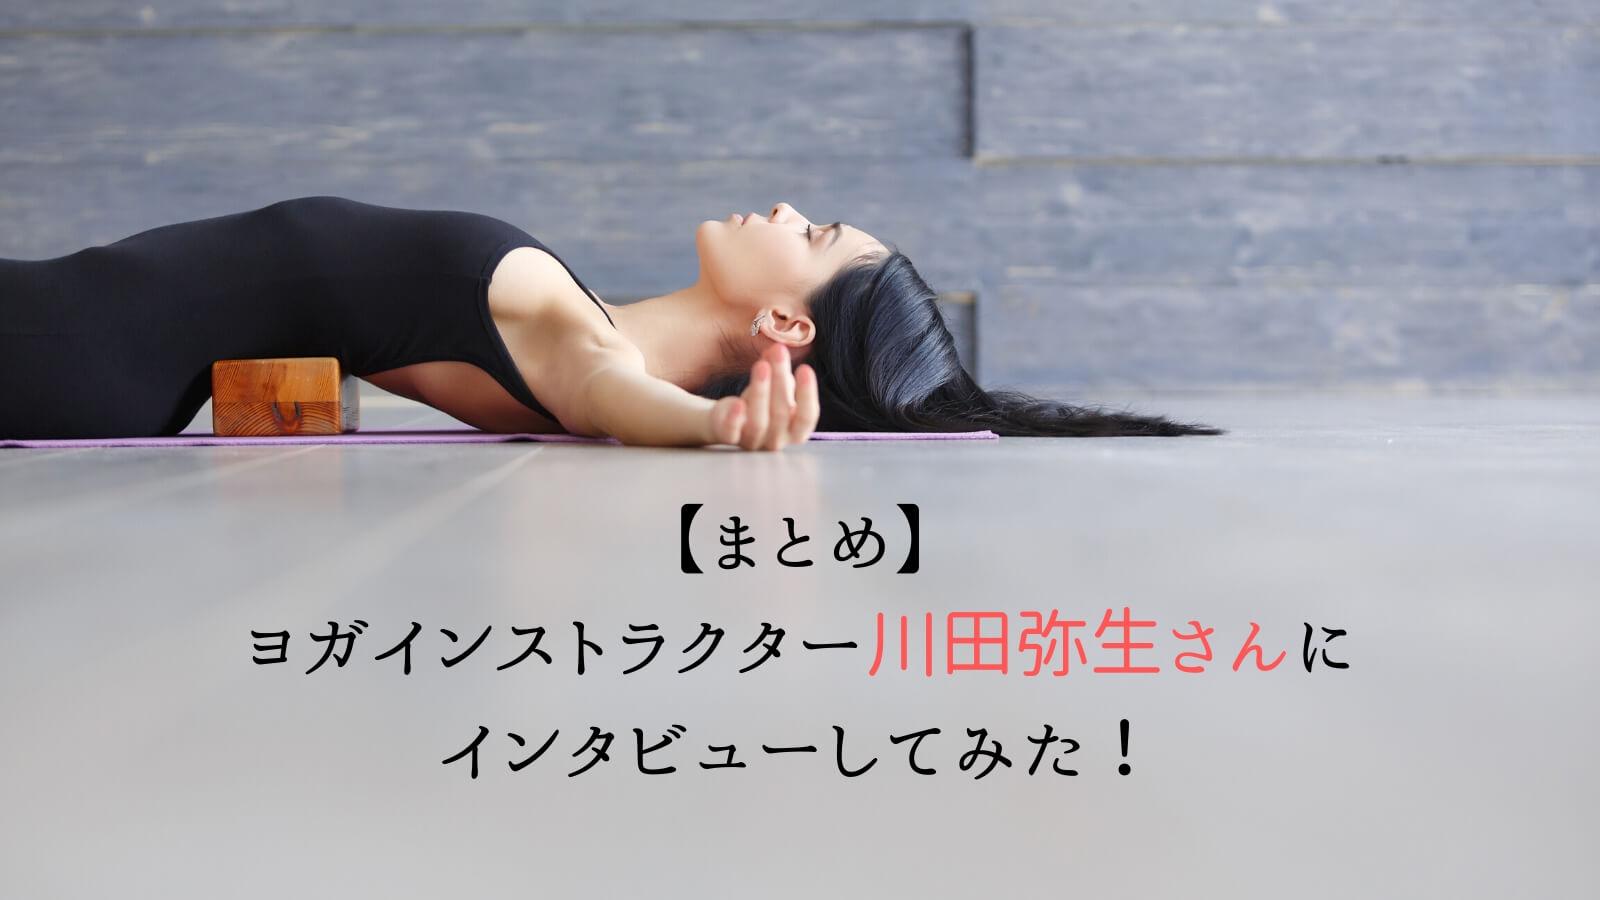 【まとめ】ヨガインストラクター川田弥生さんにインタビューしてみた!